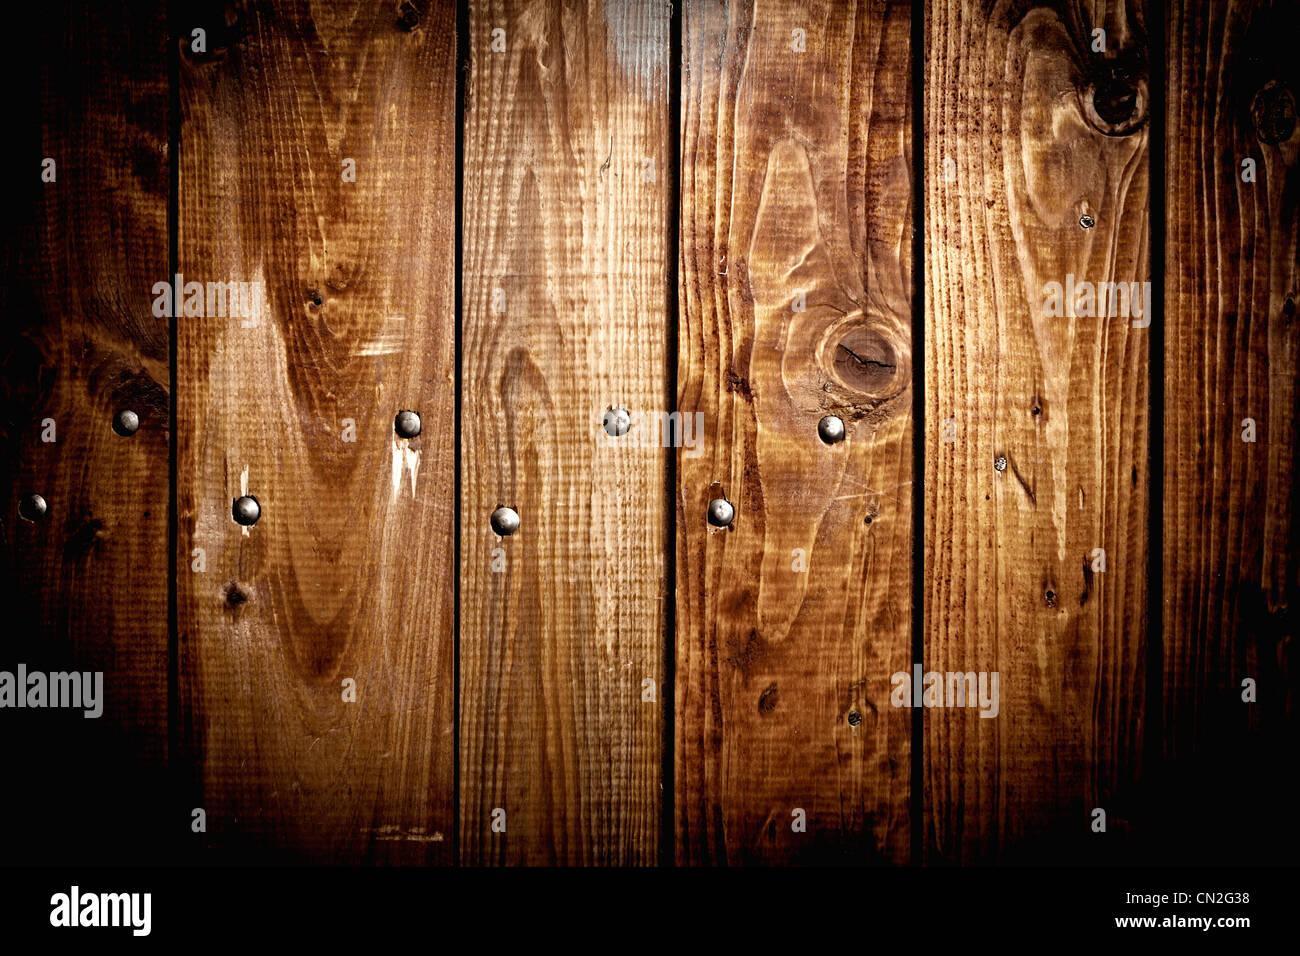 Vieille planche en bois brun texture d'arrière-plan Photo Stock